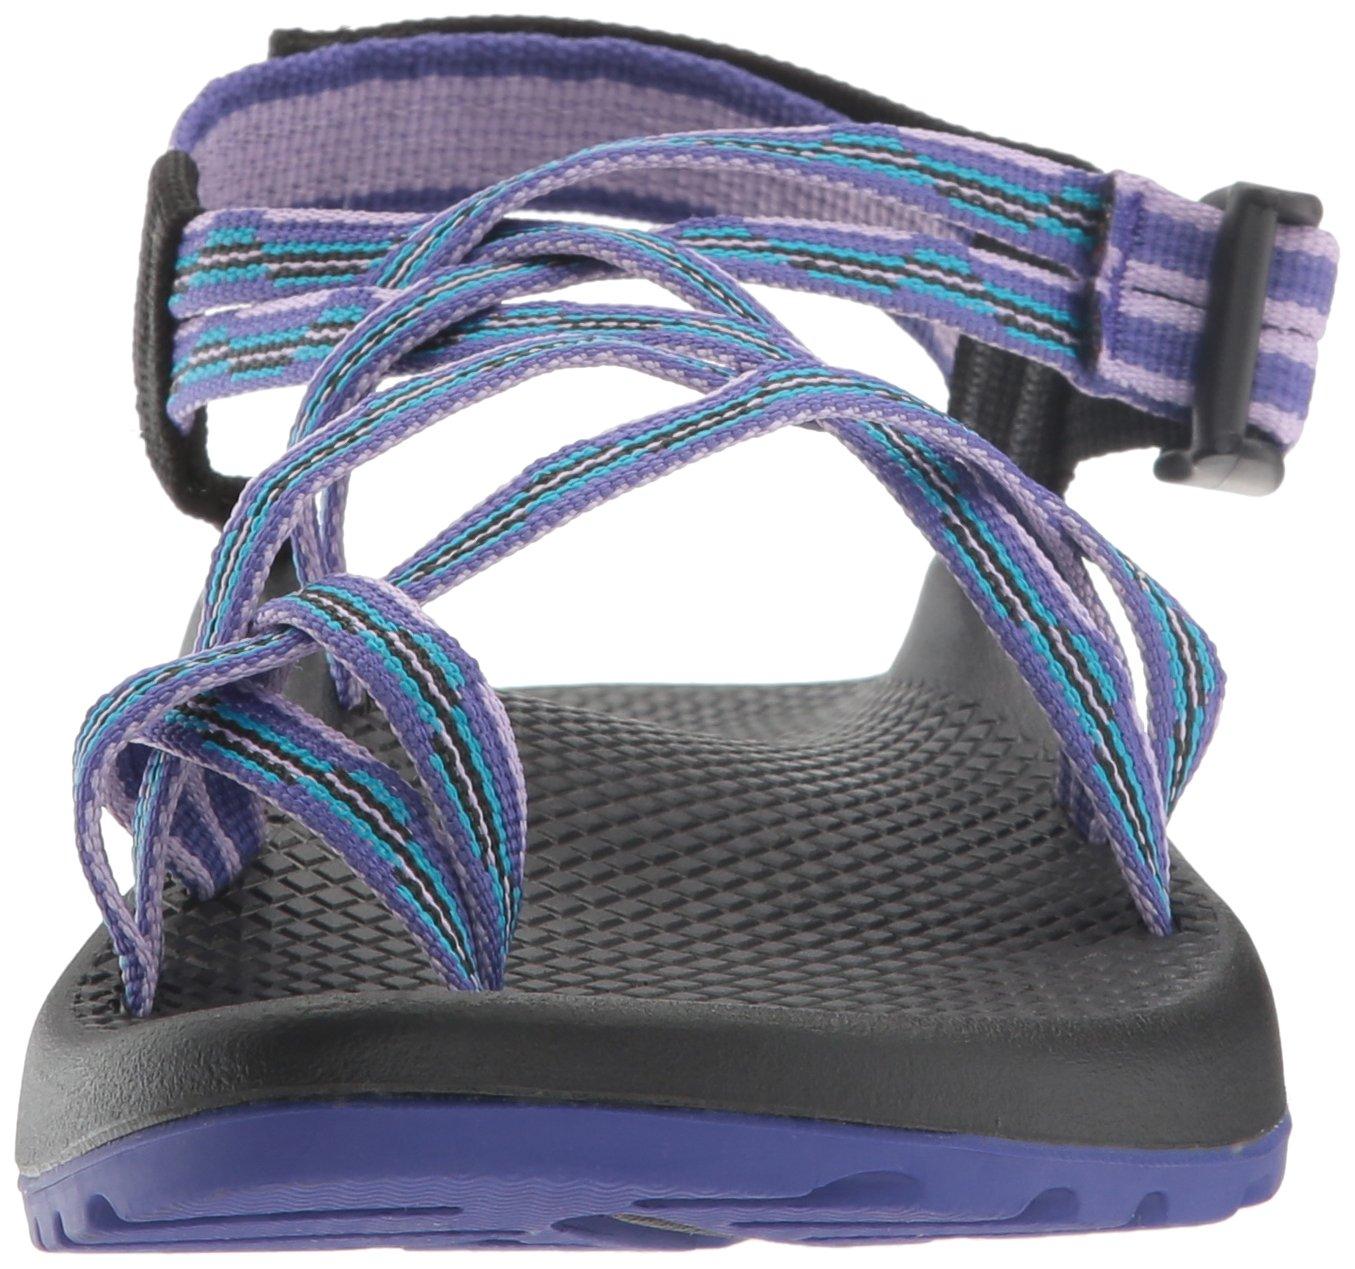 Chaco Sandal Women's Zx2 Classic Athletic Sandal Chaco B01H4XBVEE 9 B(M) US Danube Purple b5dab4